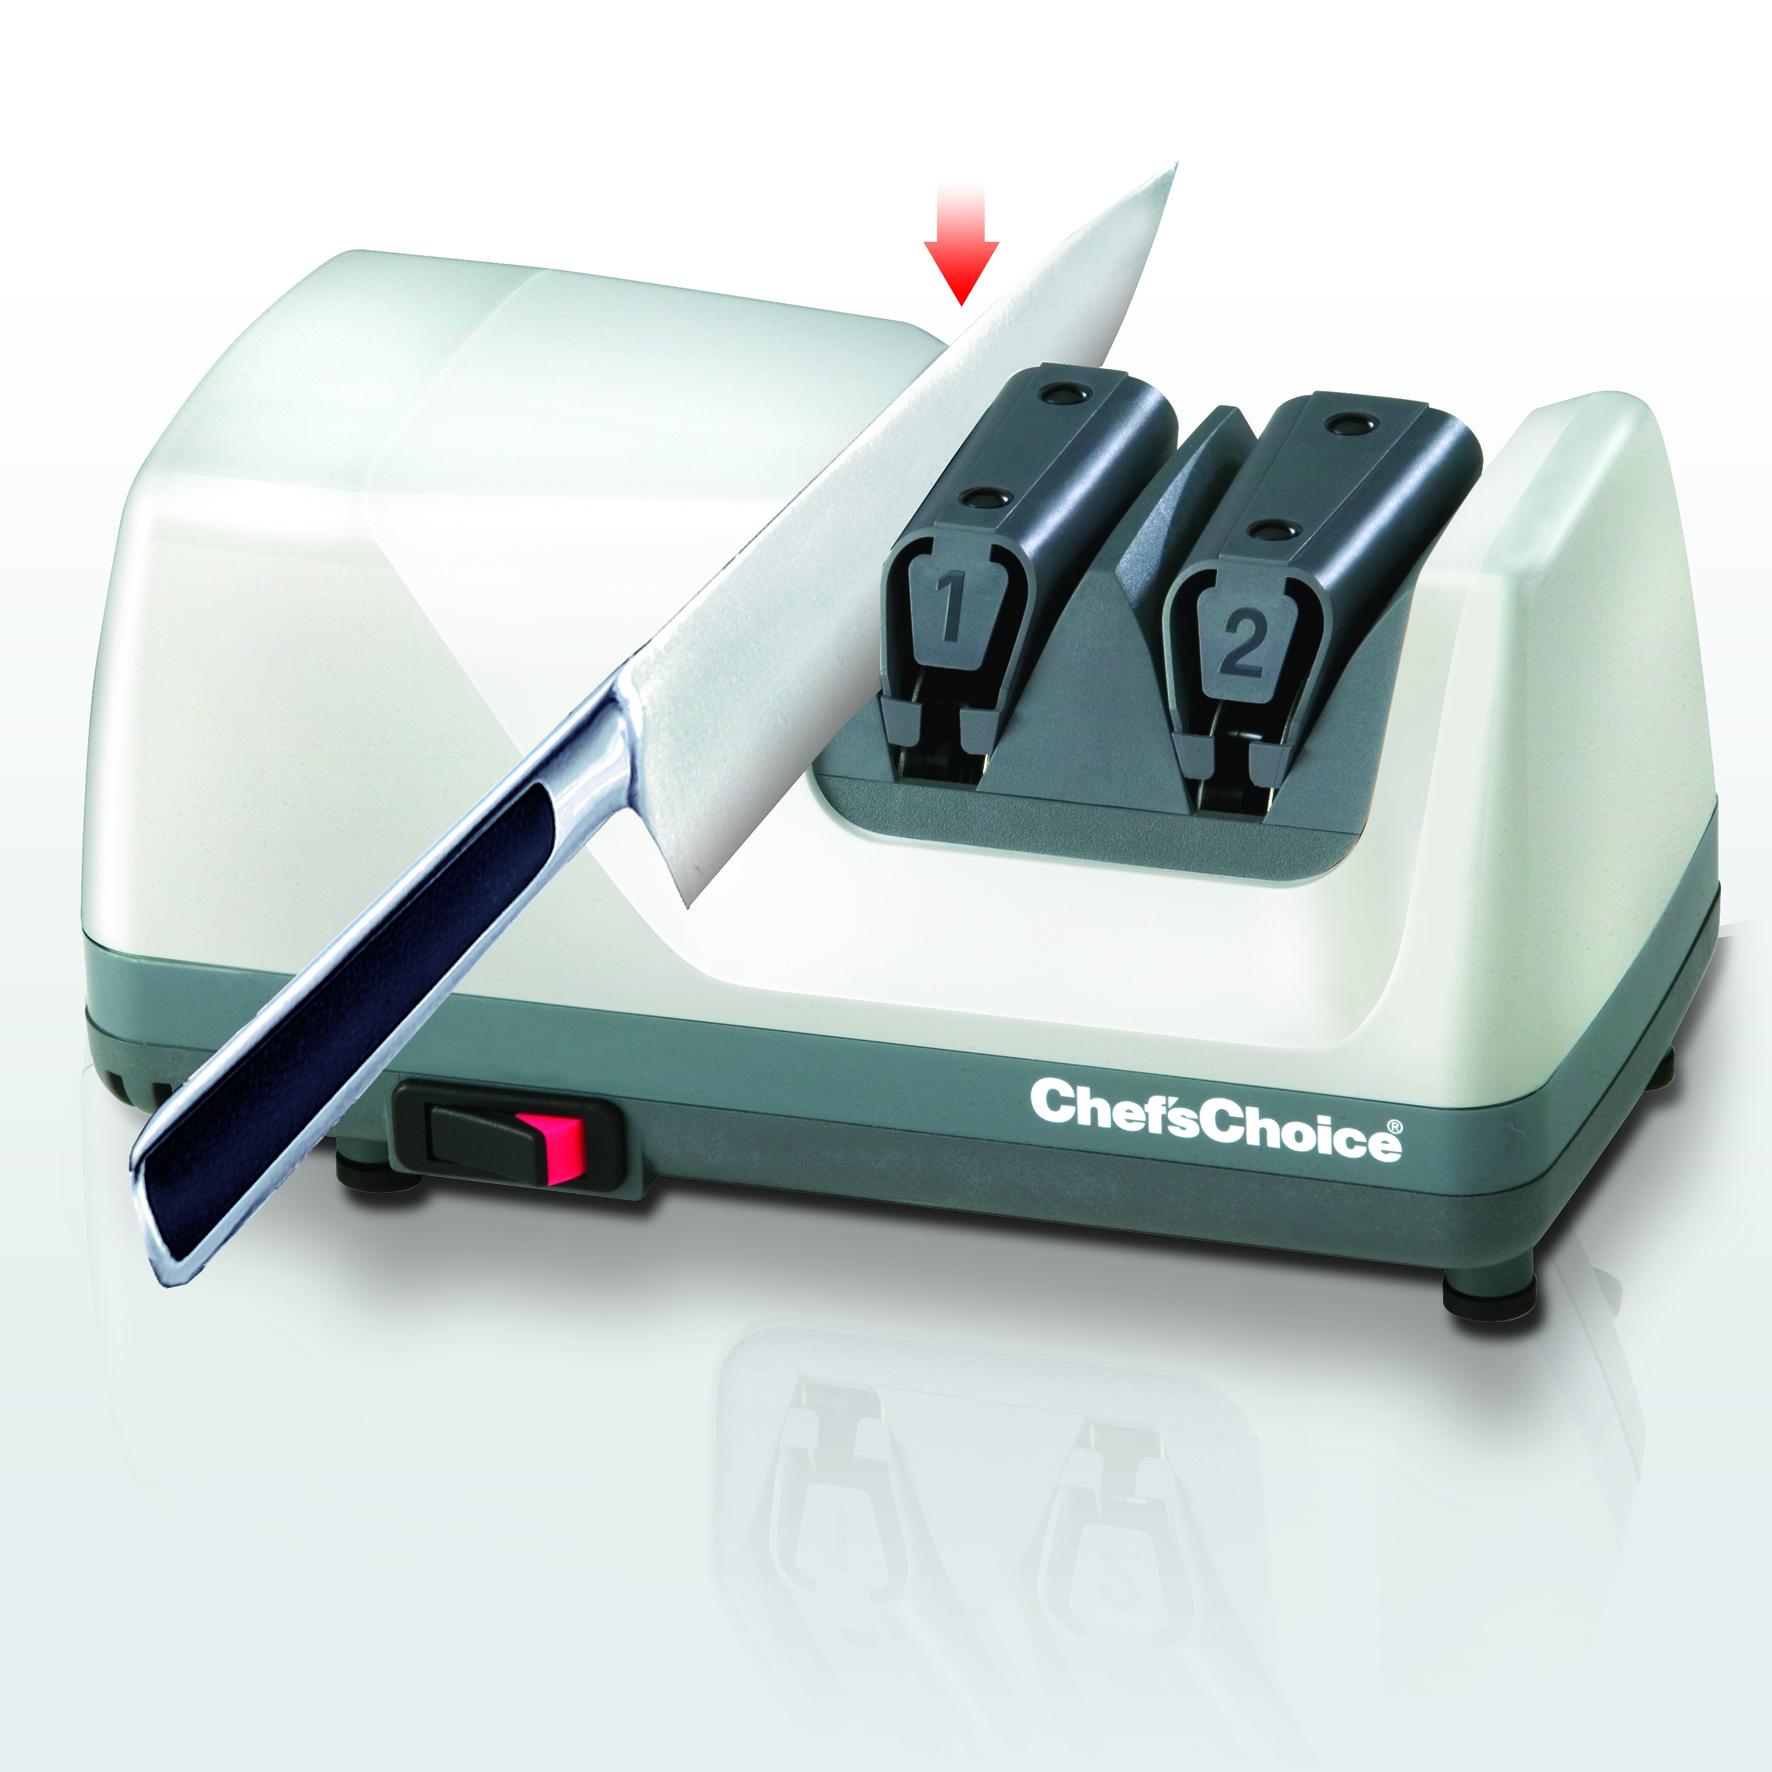 ChefsChoice 312 motoros késélező első, élező fázis